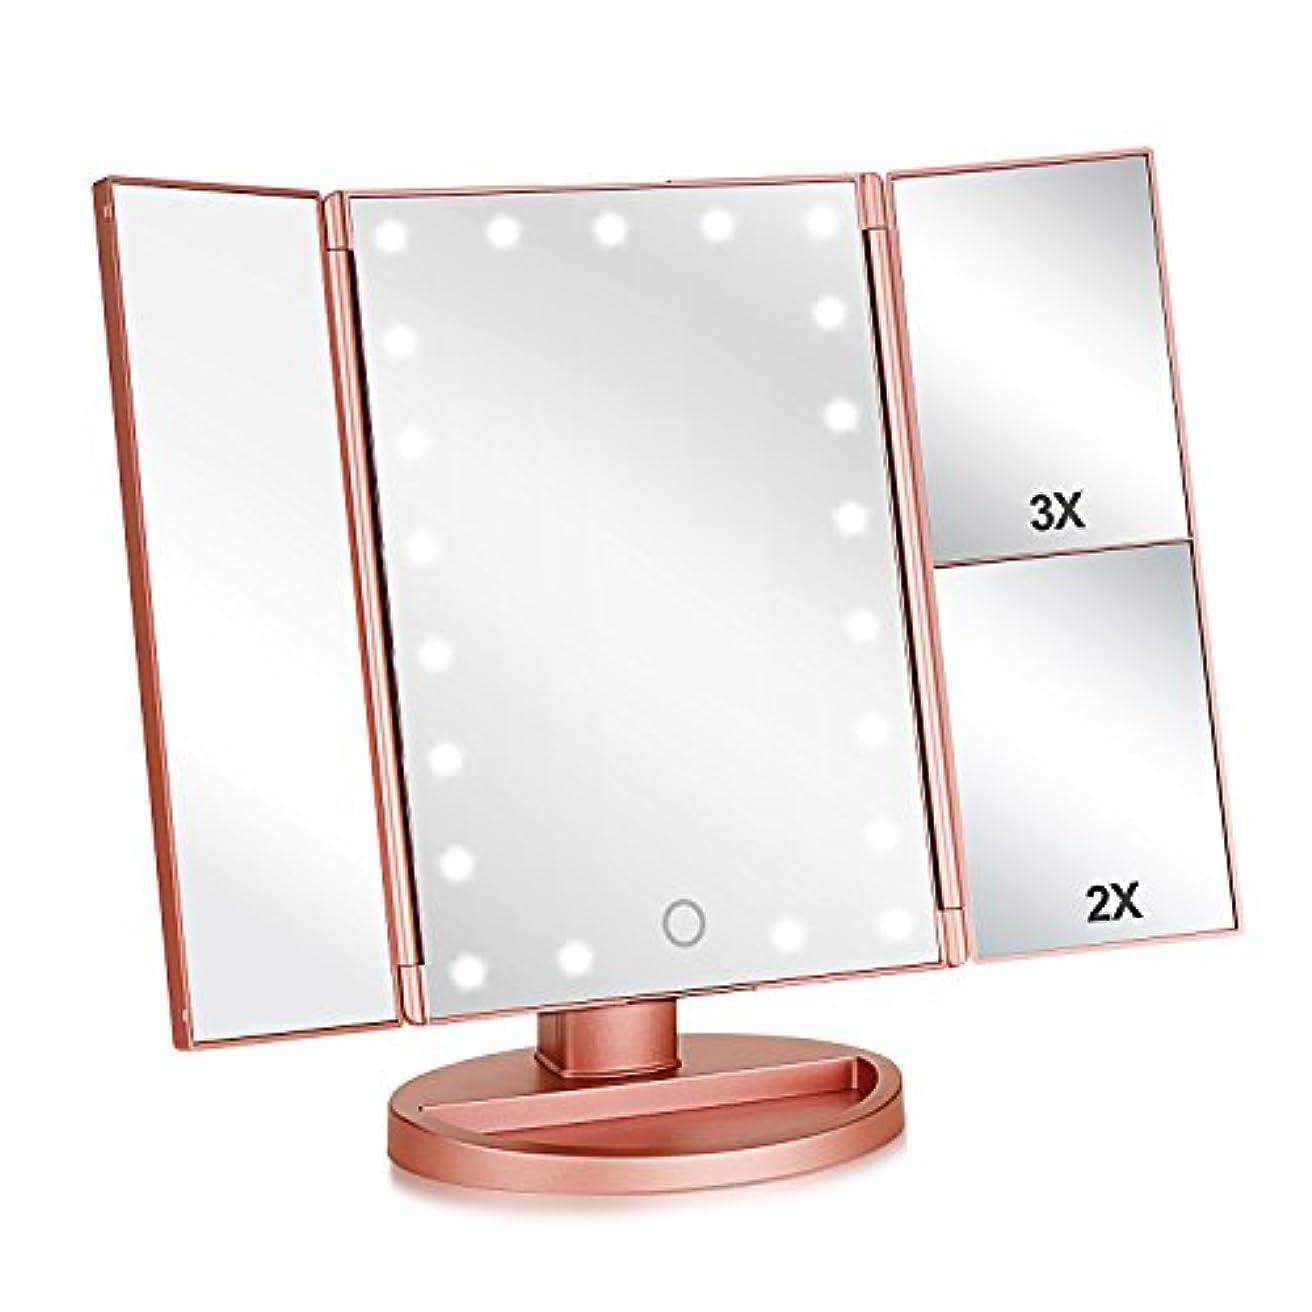 手意味する女王Wudeweike 3倍/ 2倍/ 1倍 倍率21leds光とタッチスクリーン180度自由に回転カウンター化粧鏡トラベル化粧鏡と照明付き洗面化粧台化粧鏡を三つ折り ローズゴールド